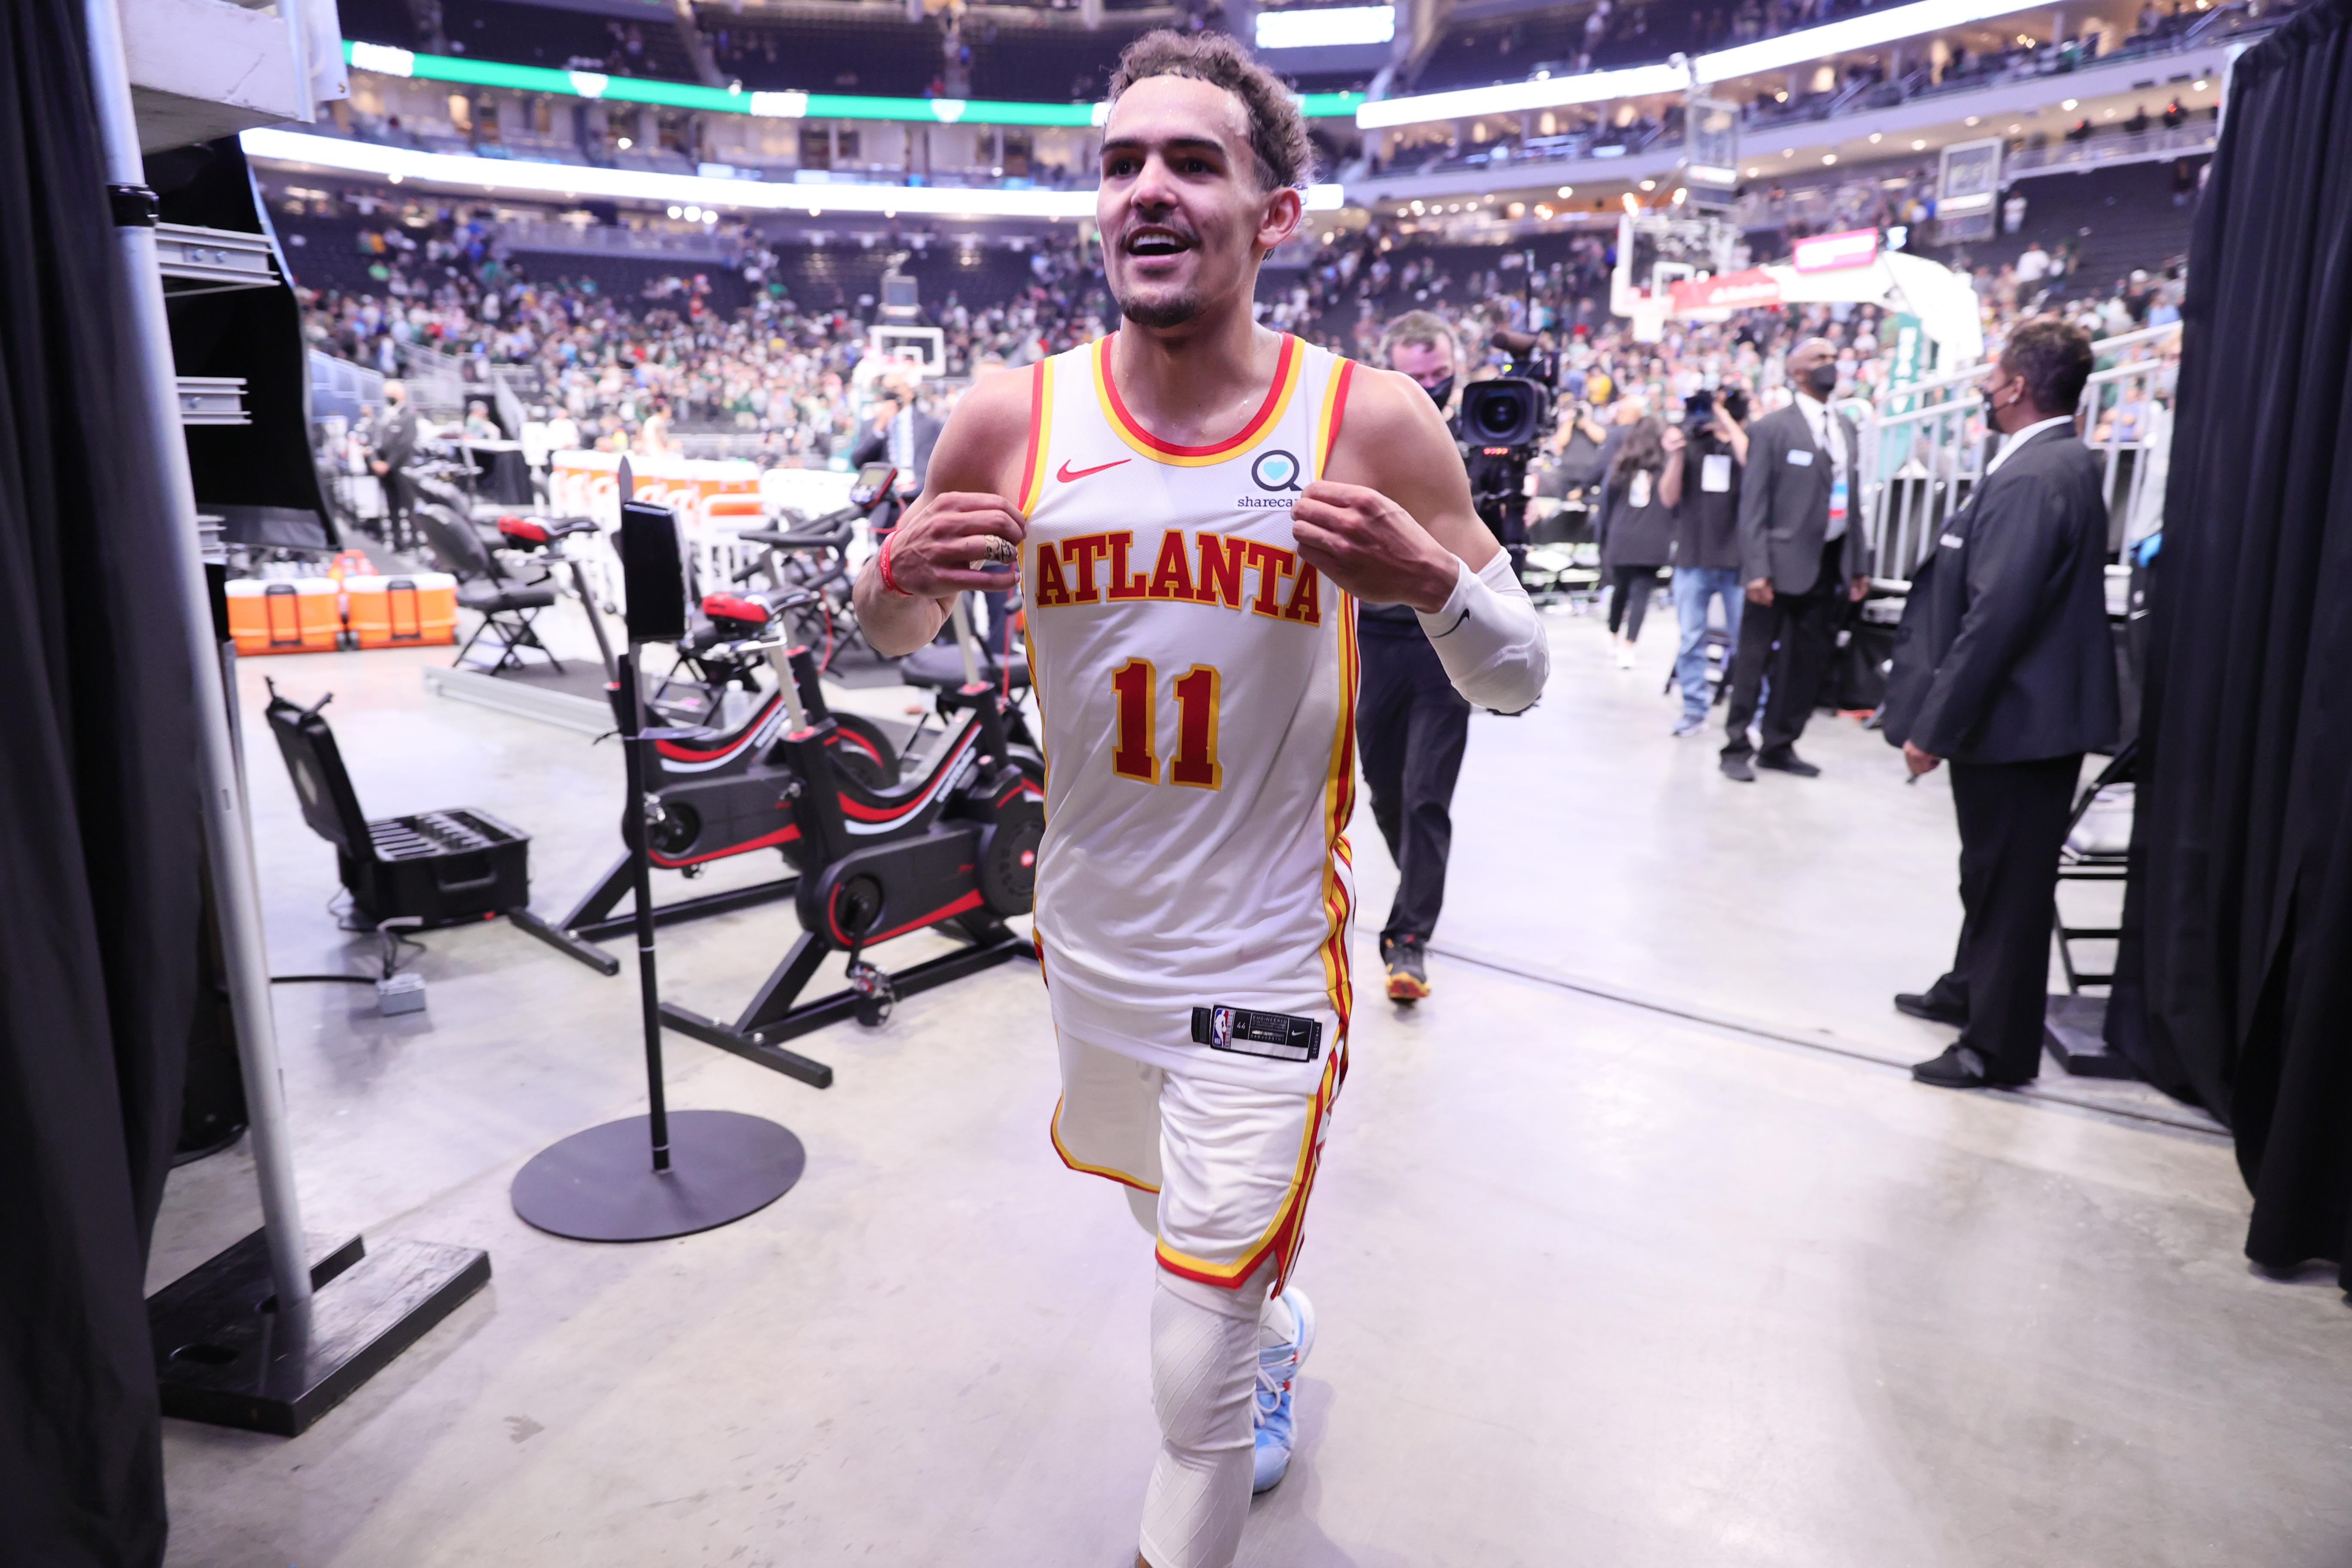 2021年NBA季后赛-亚特兰大老鹰队对密尔沃基雄鹿队